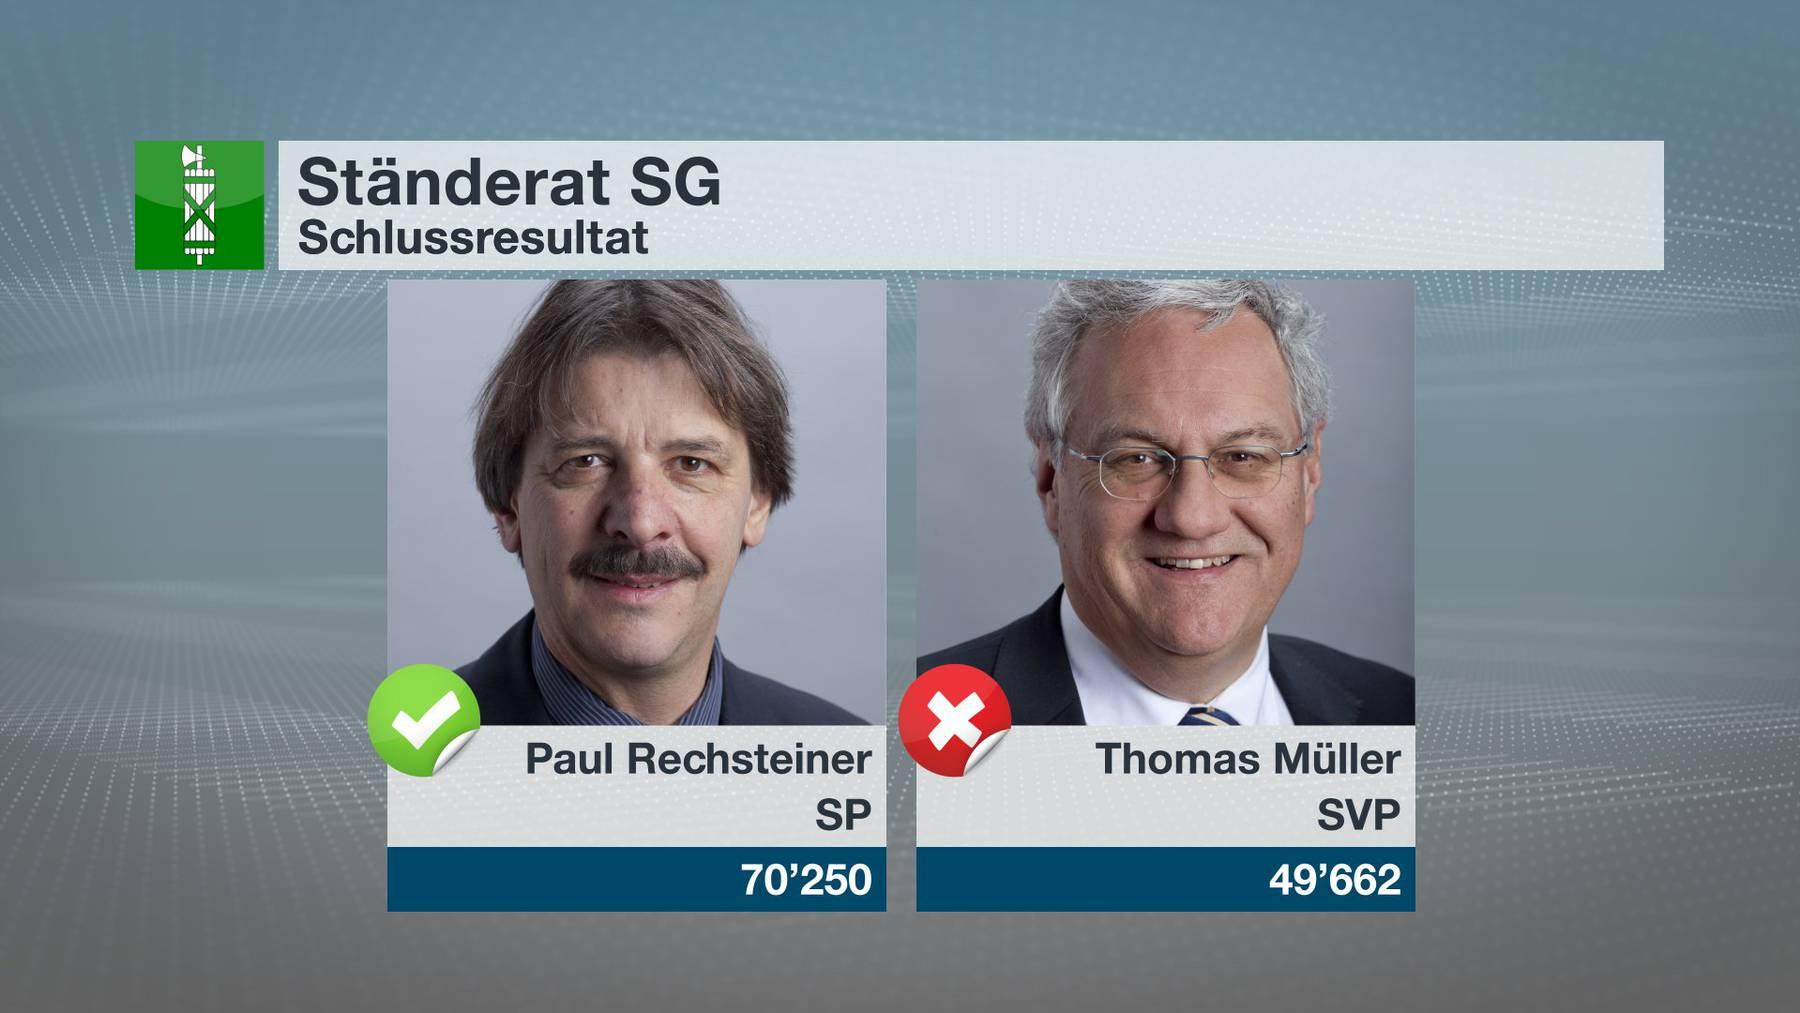 Paul Rechsteiner macht 20'000 Stimmen mehr als Thomas Müller.